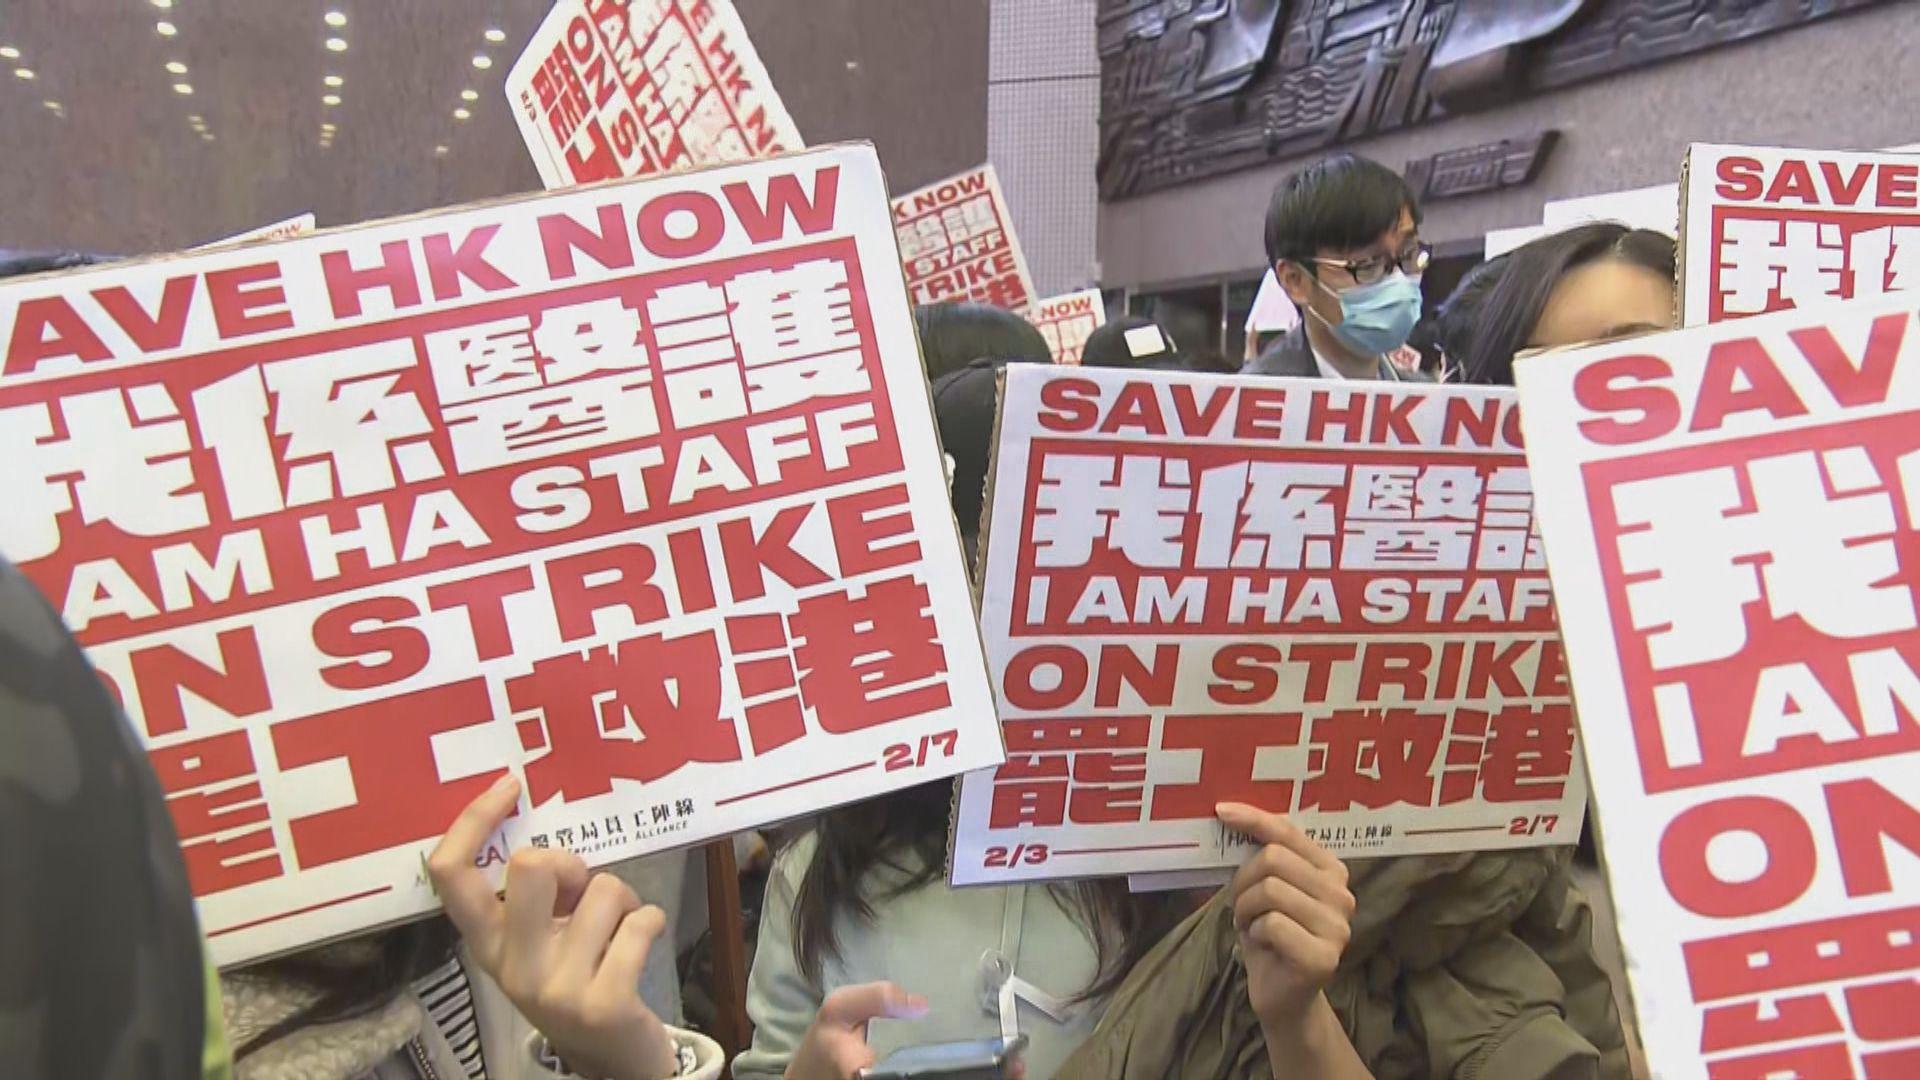 醫管局向罷工期間缺勤員工收回工資